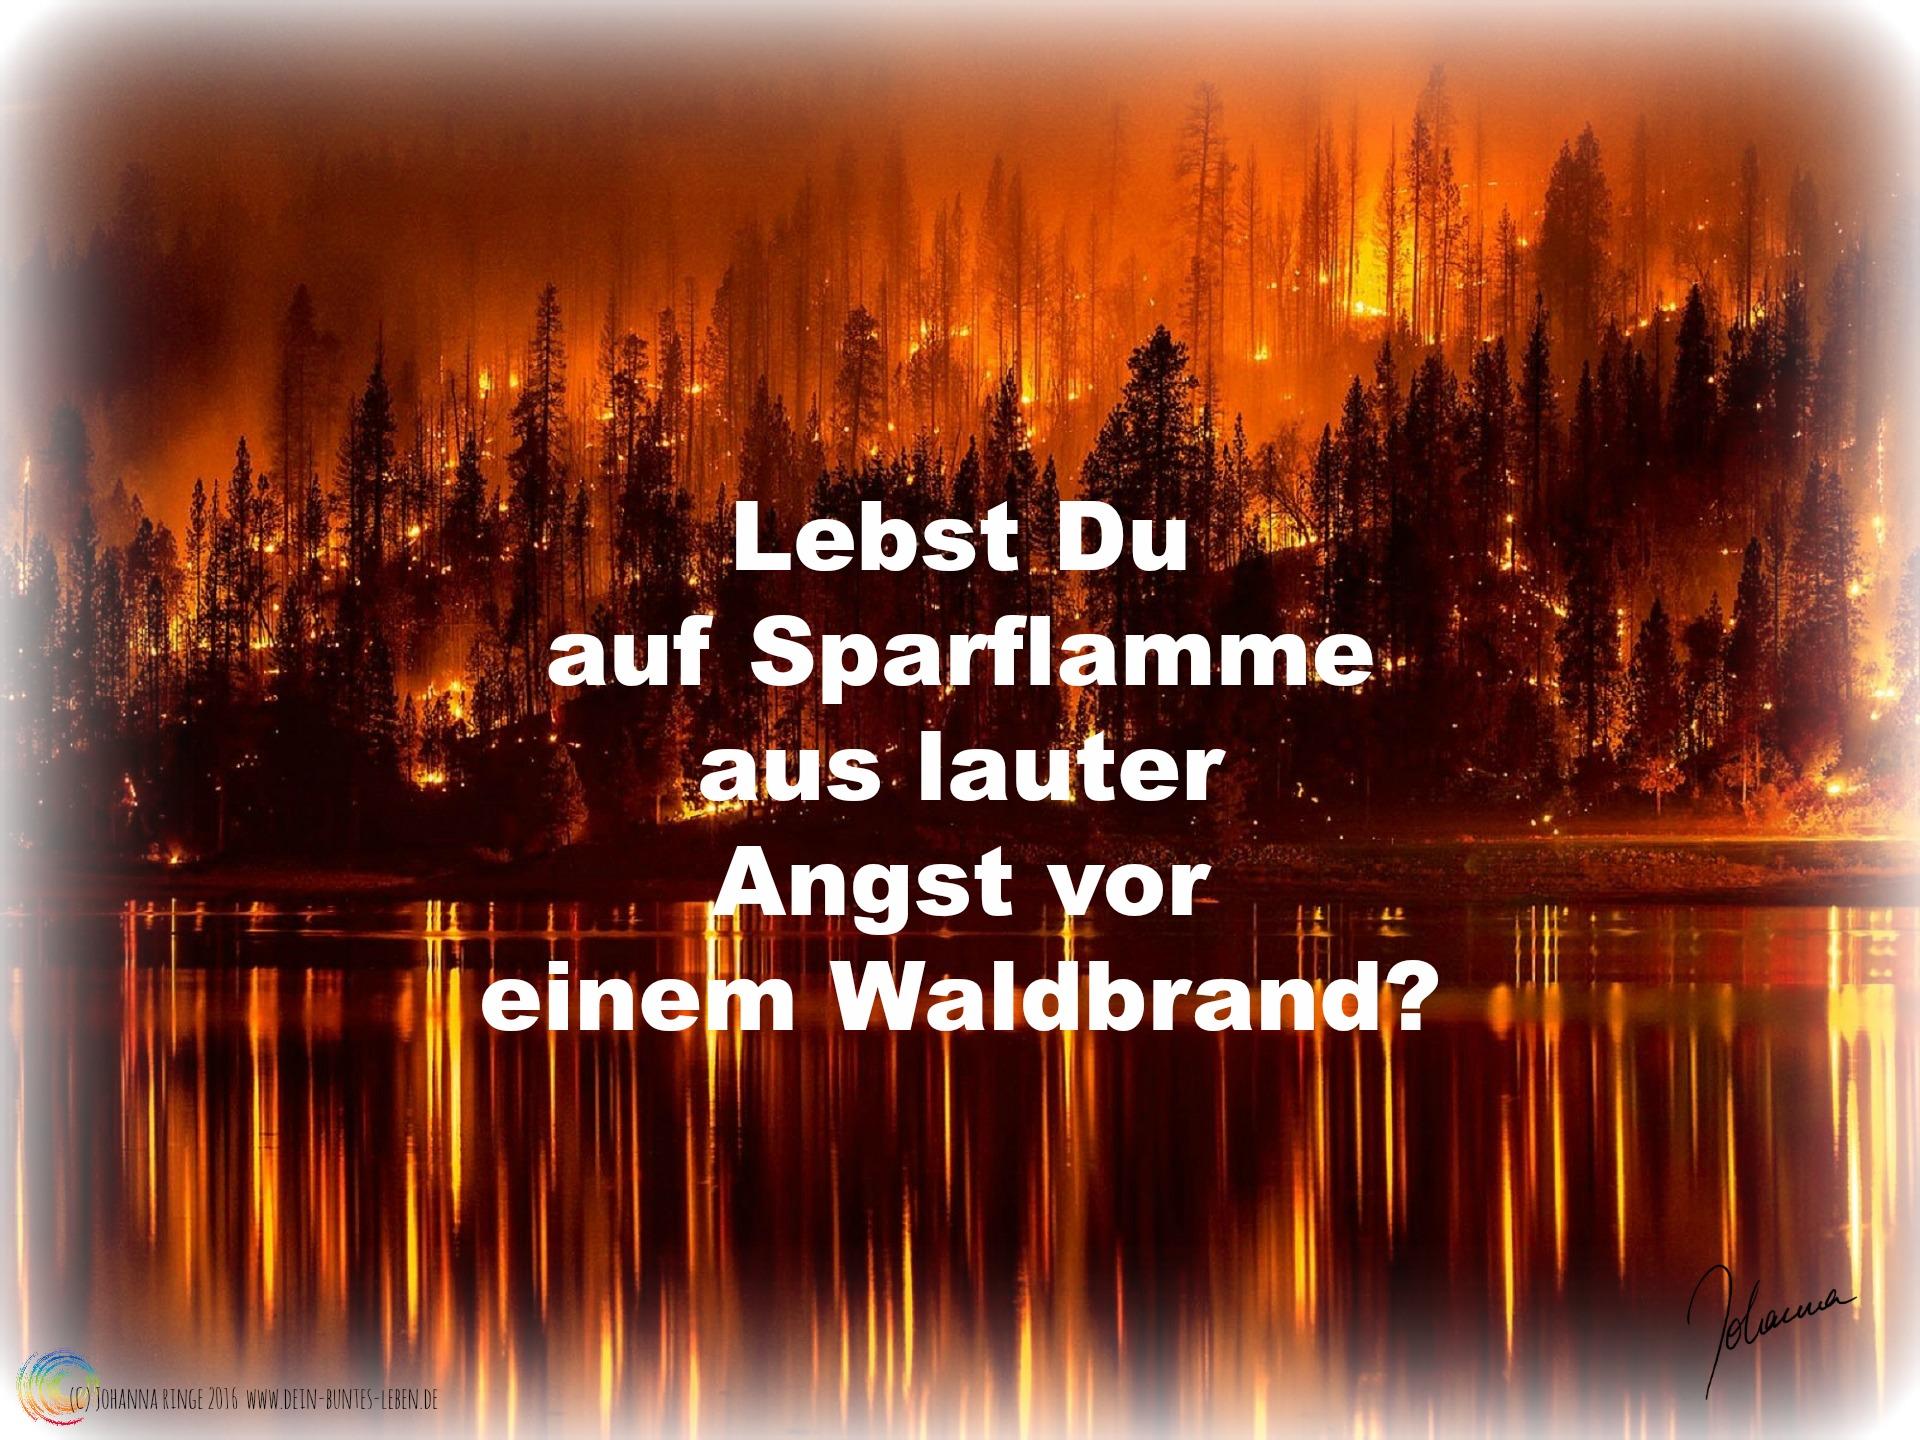 Lebst Du auf Sparflamme aus Angst vor einem Waldbrand? (c) Johanna Ringe 2016 www.dein-buntes-leben.de